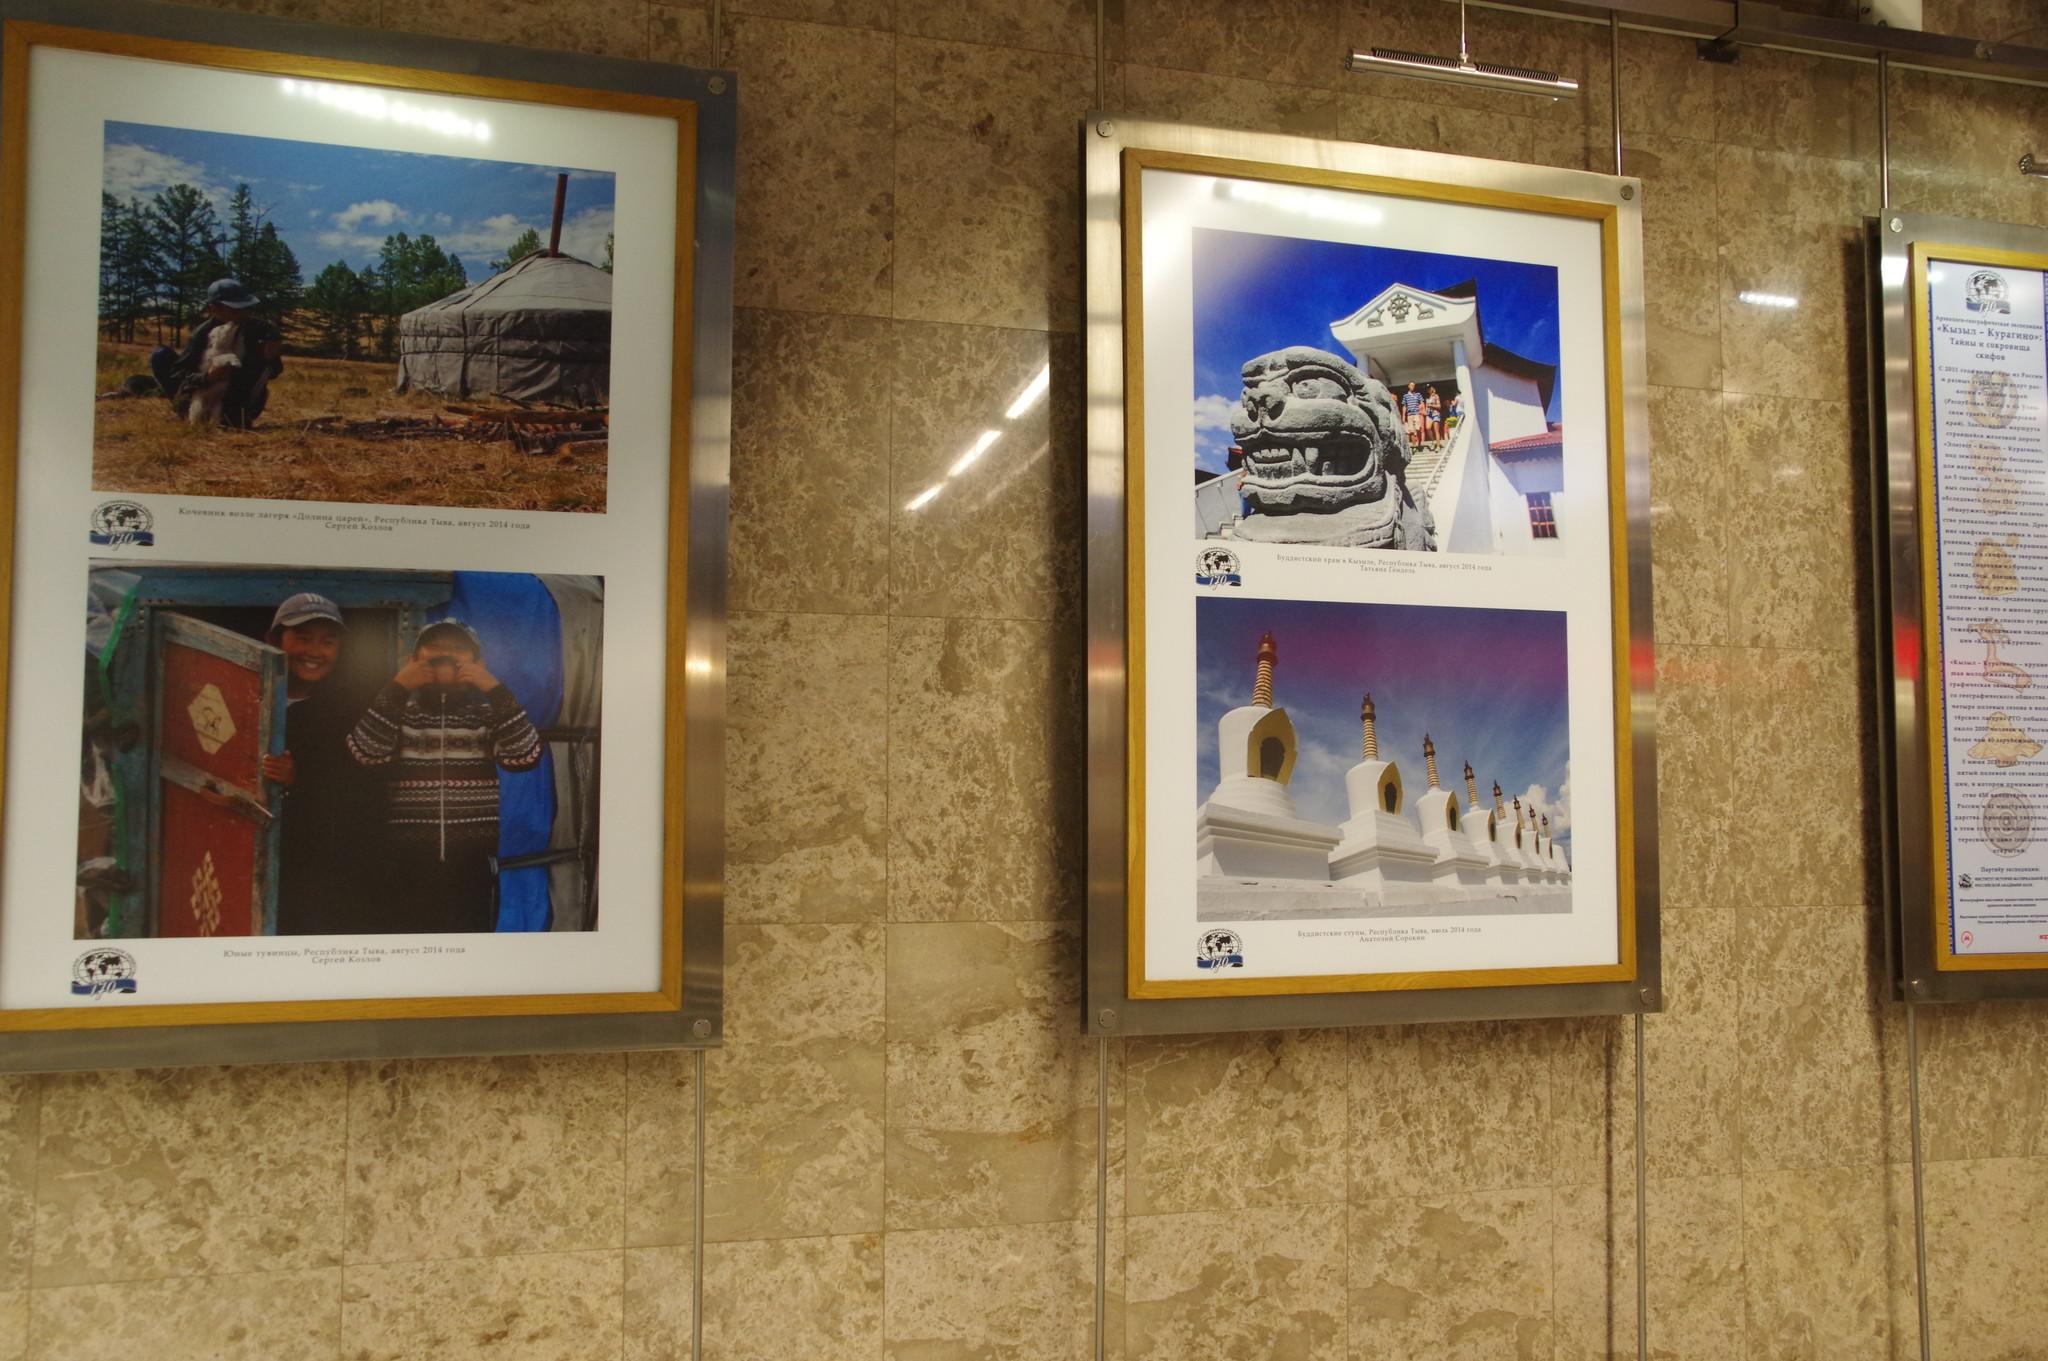 Выставка фотографий скифских поселений и захоронений «Кызыл-Курагино»: тайны и сокровища скифов» на станции метро «Выставочная»